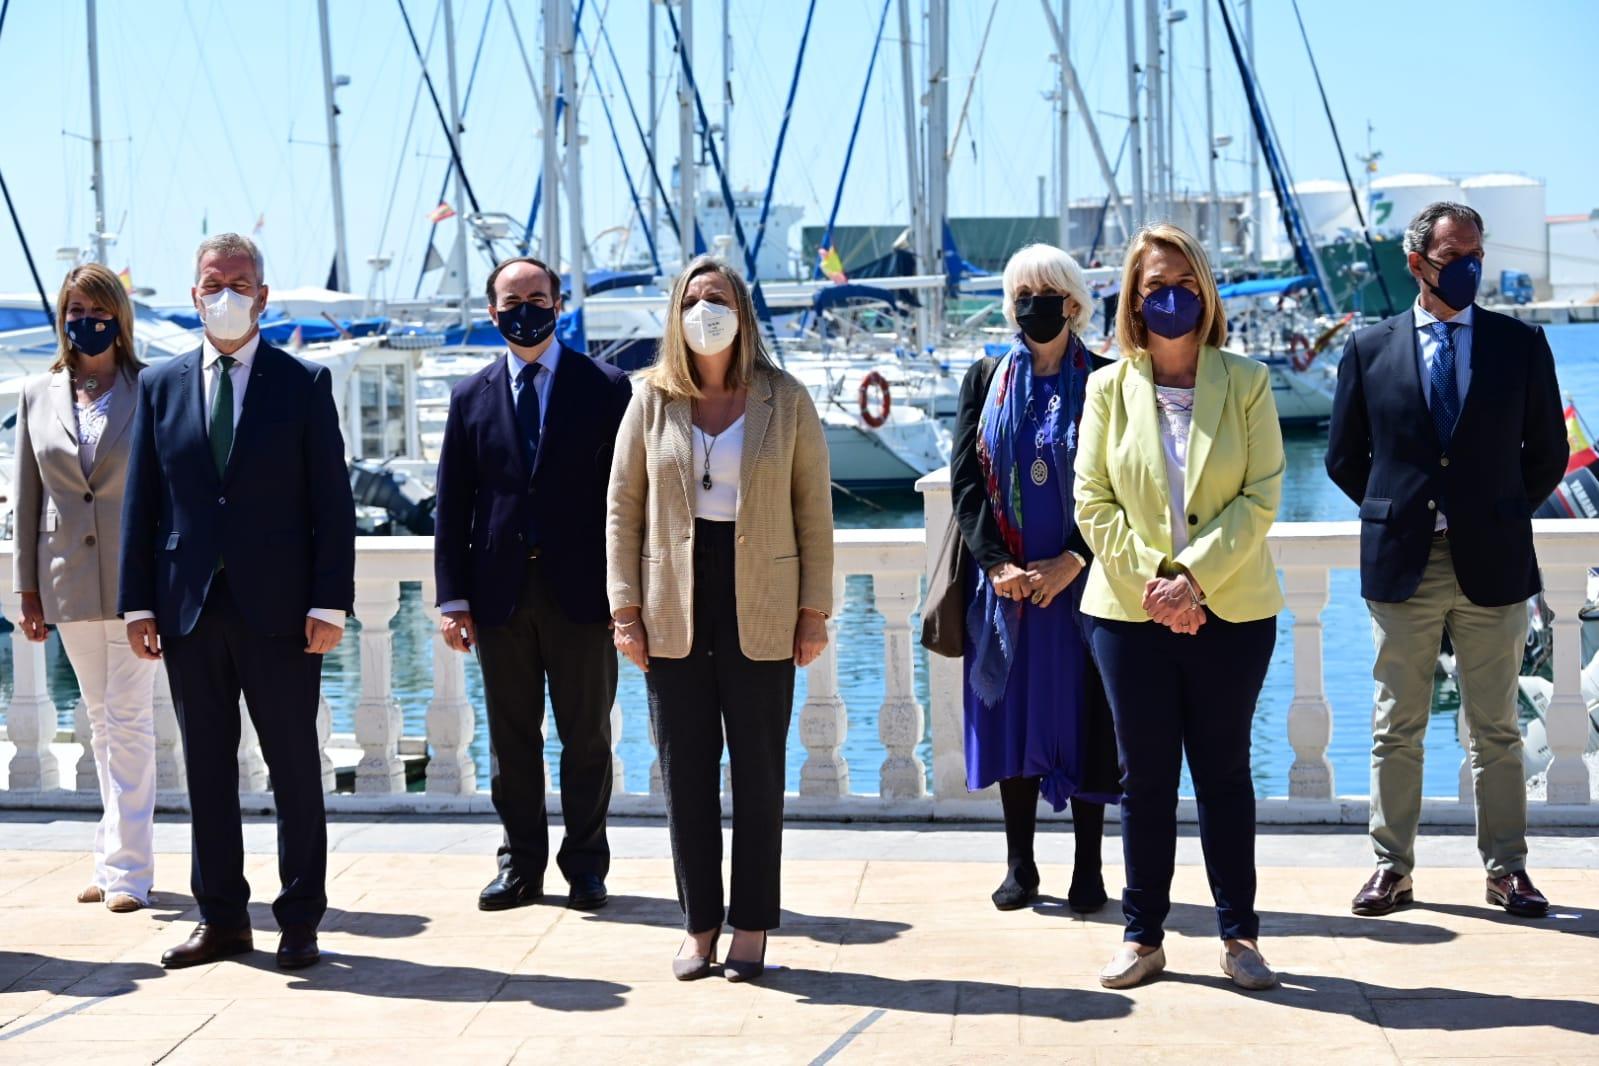 La Junta se adhiere a Suncruise para relanzar la posición de Andalucía como destino de cruceros